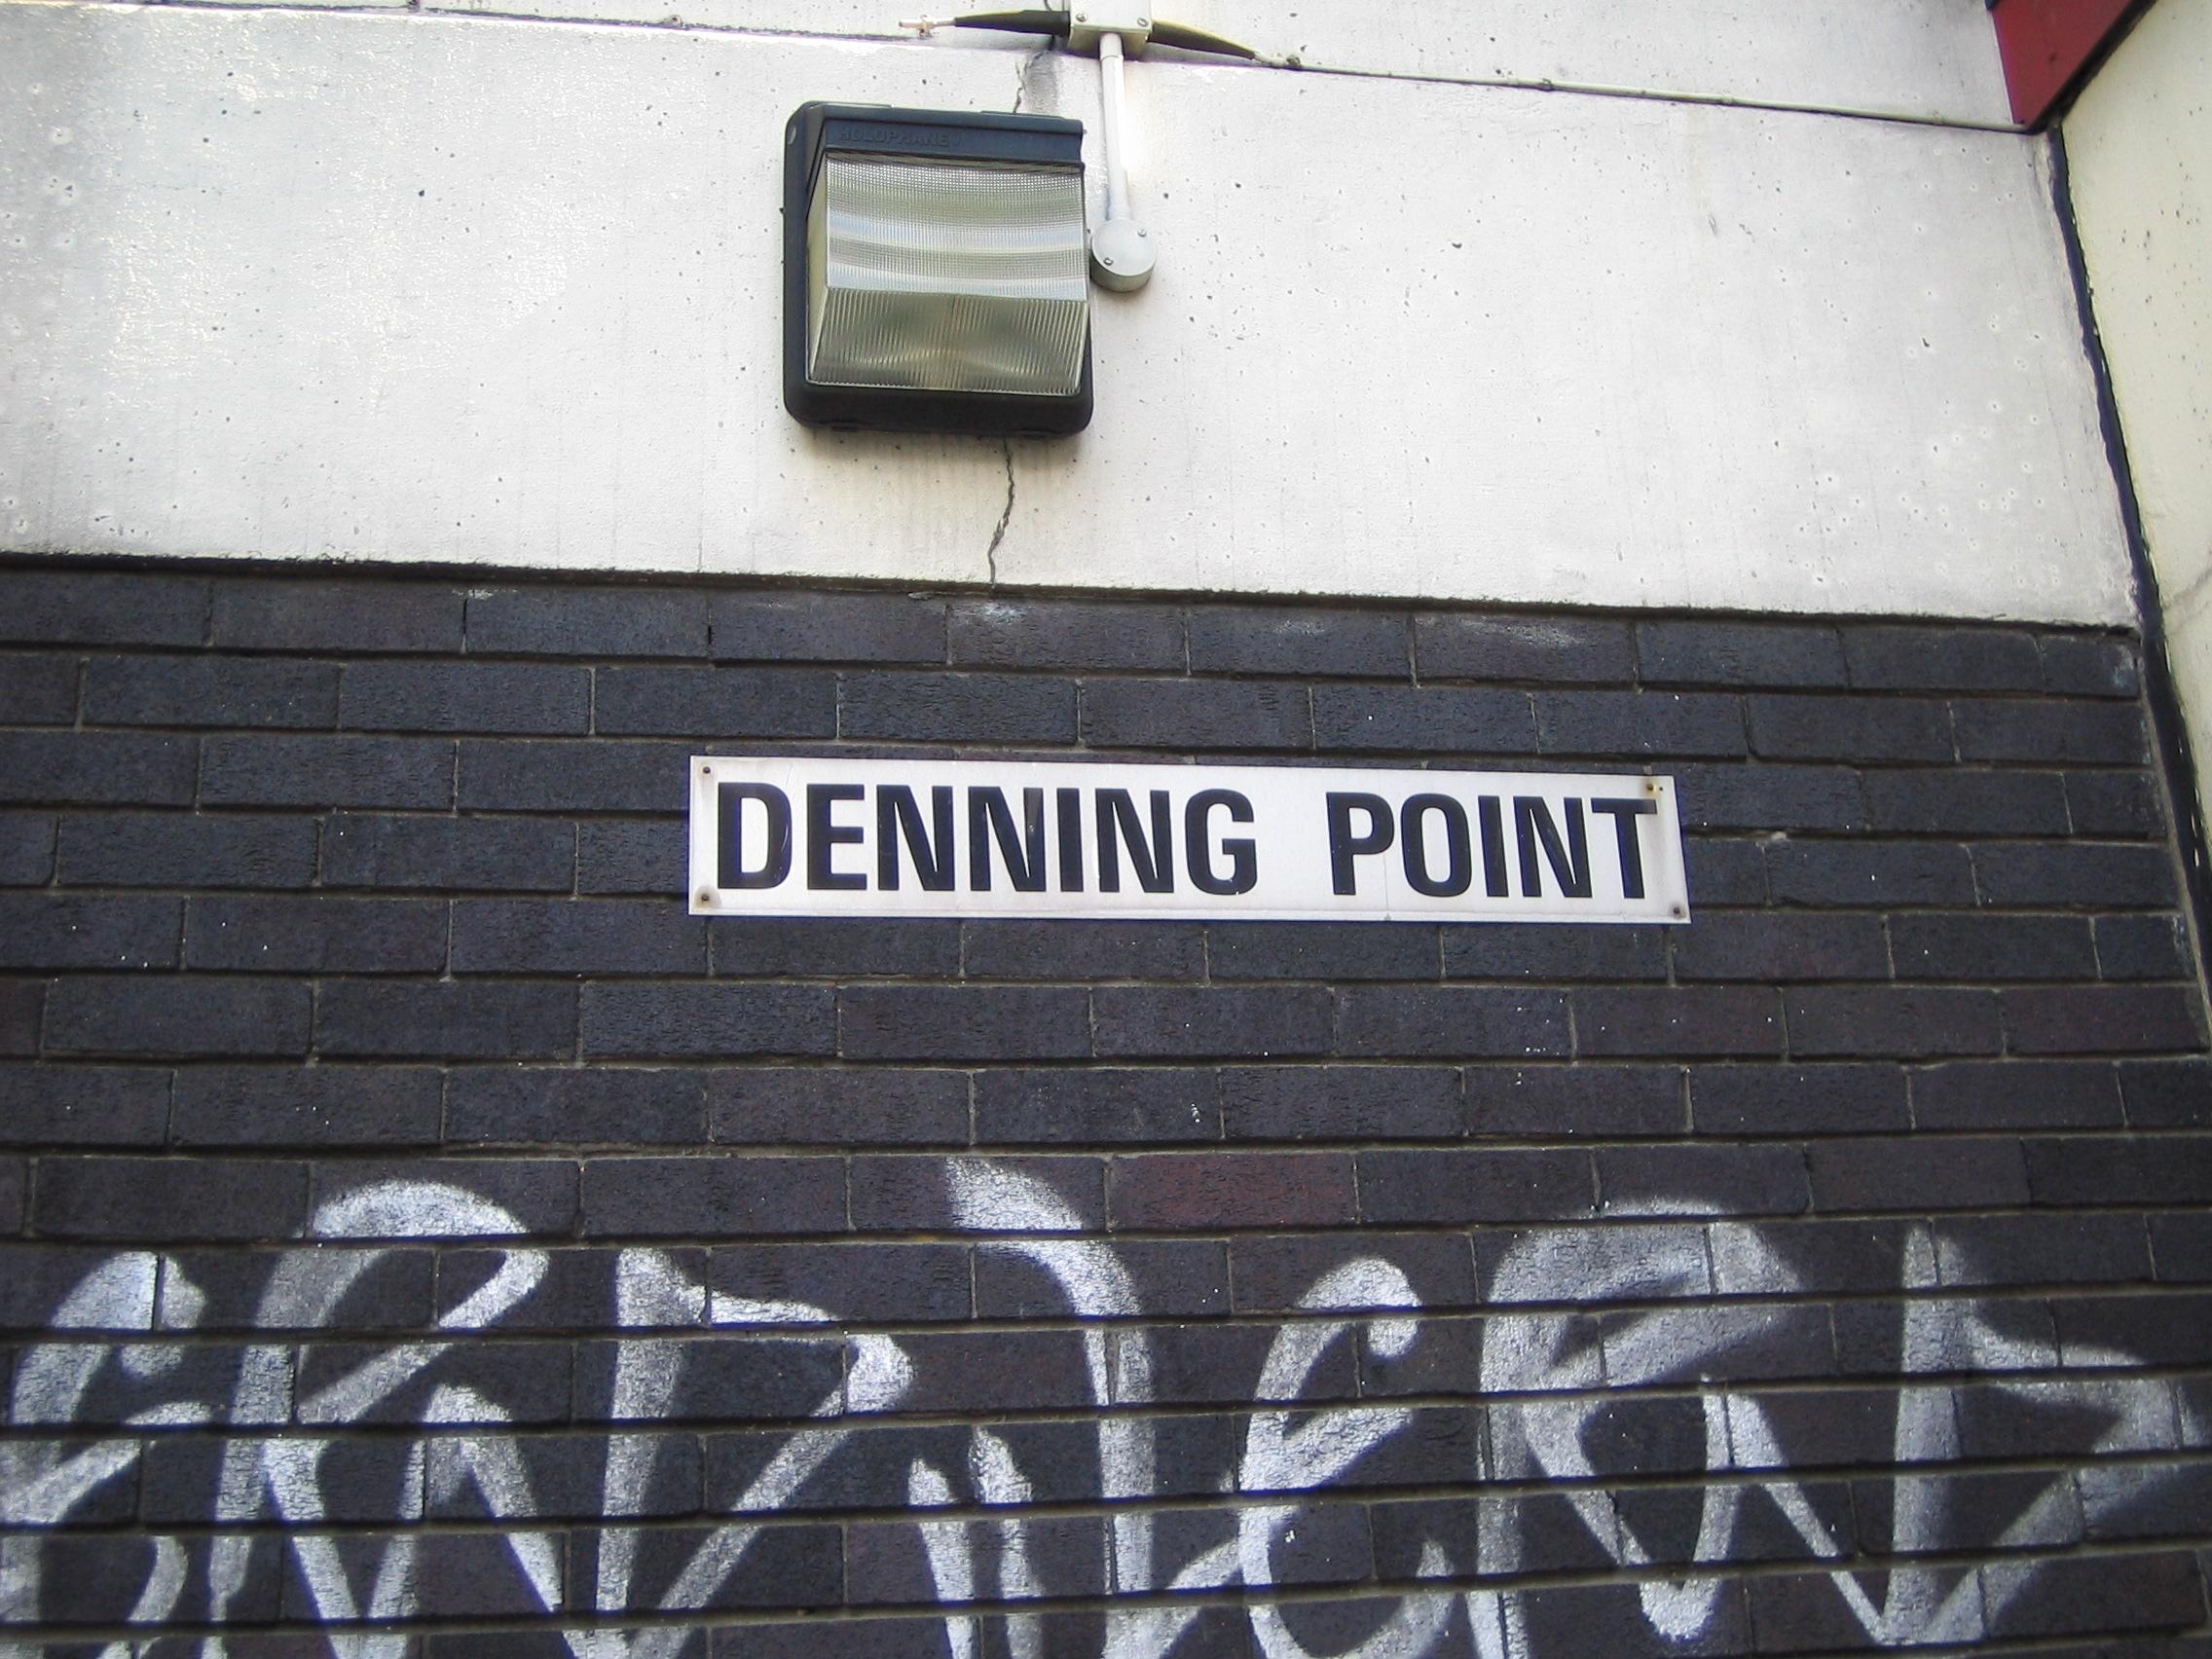 denning_point